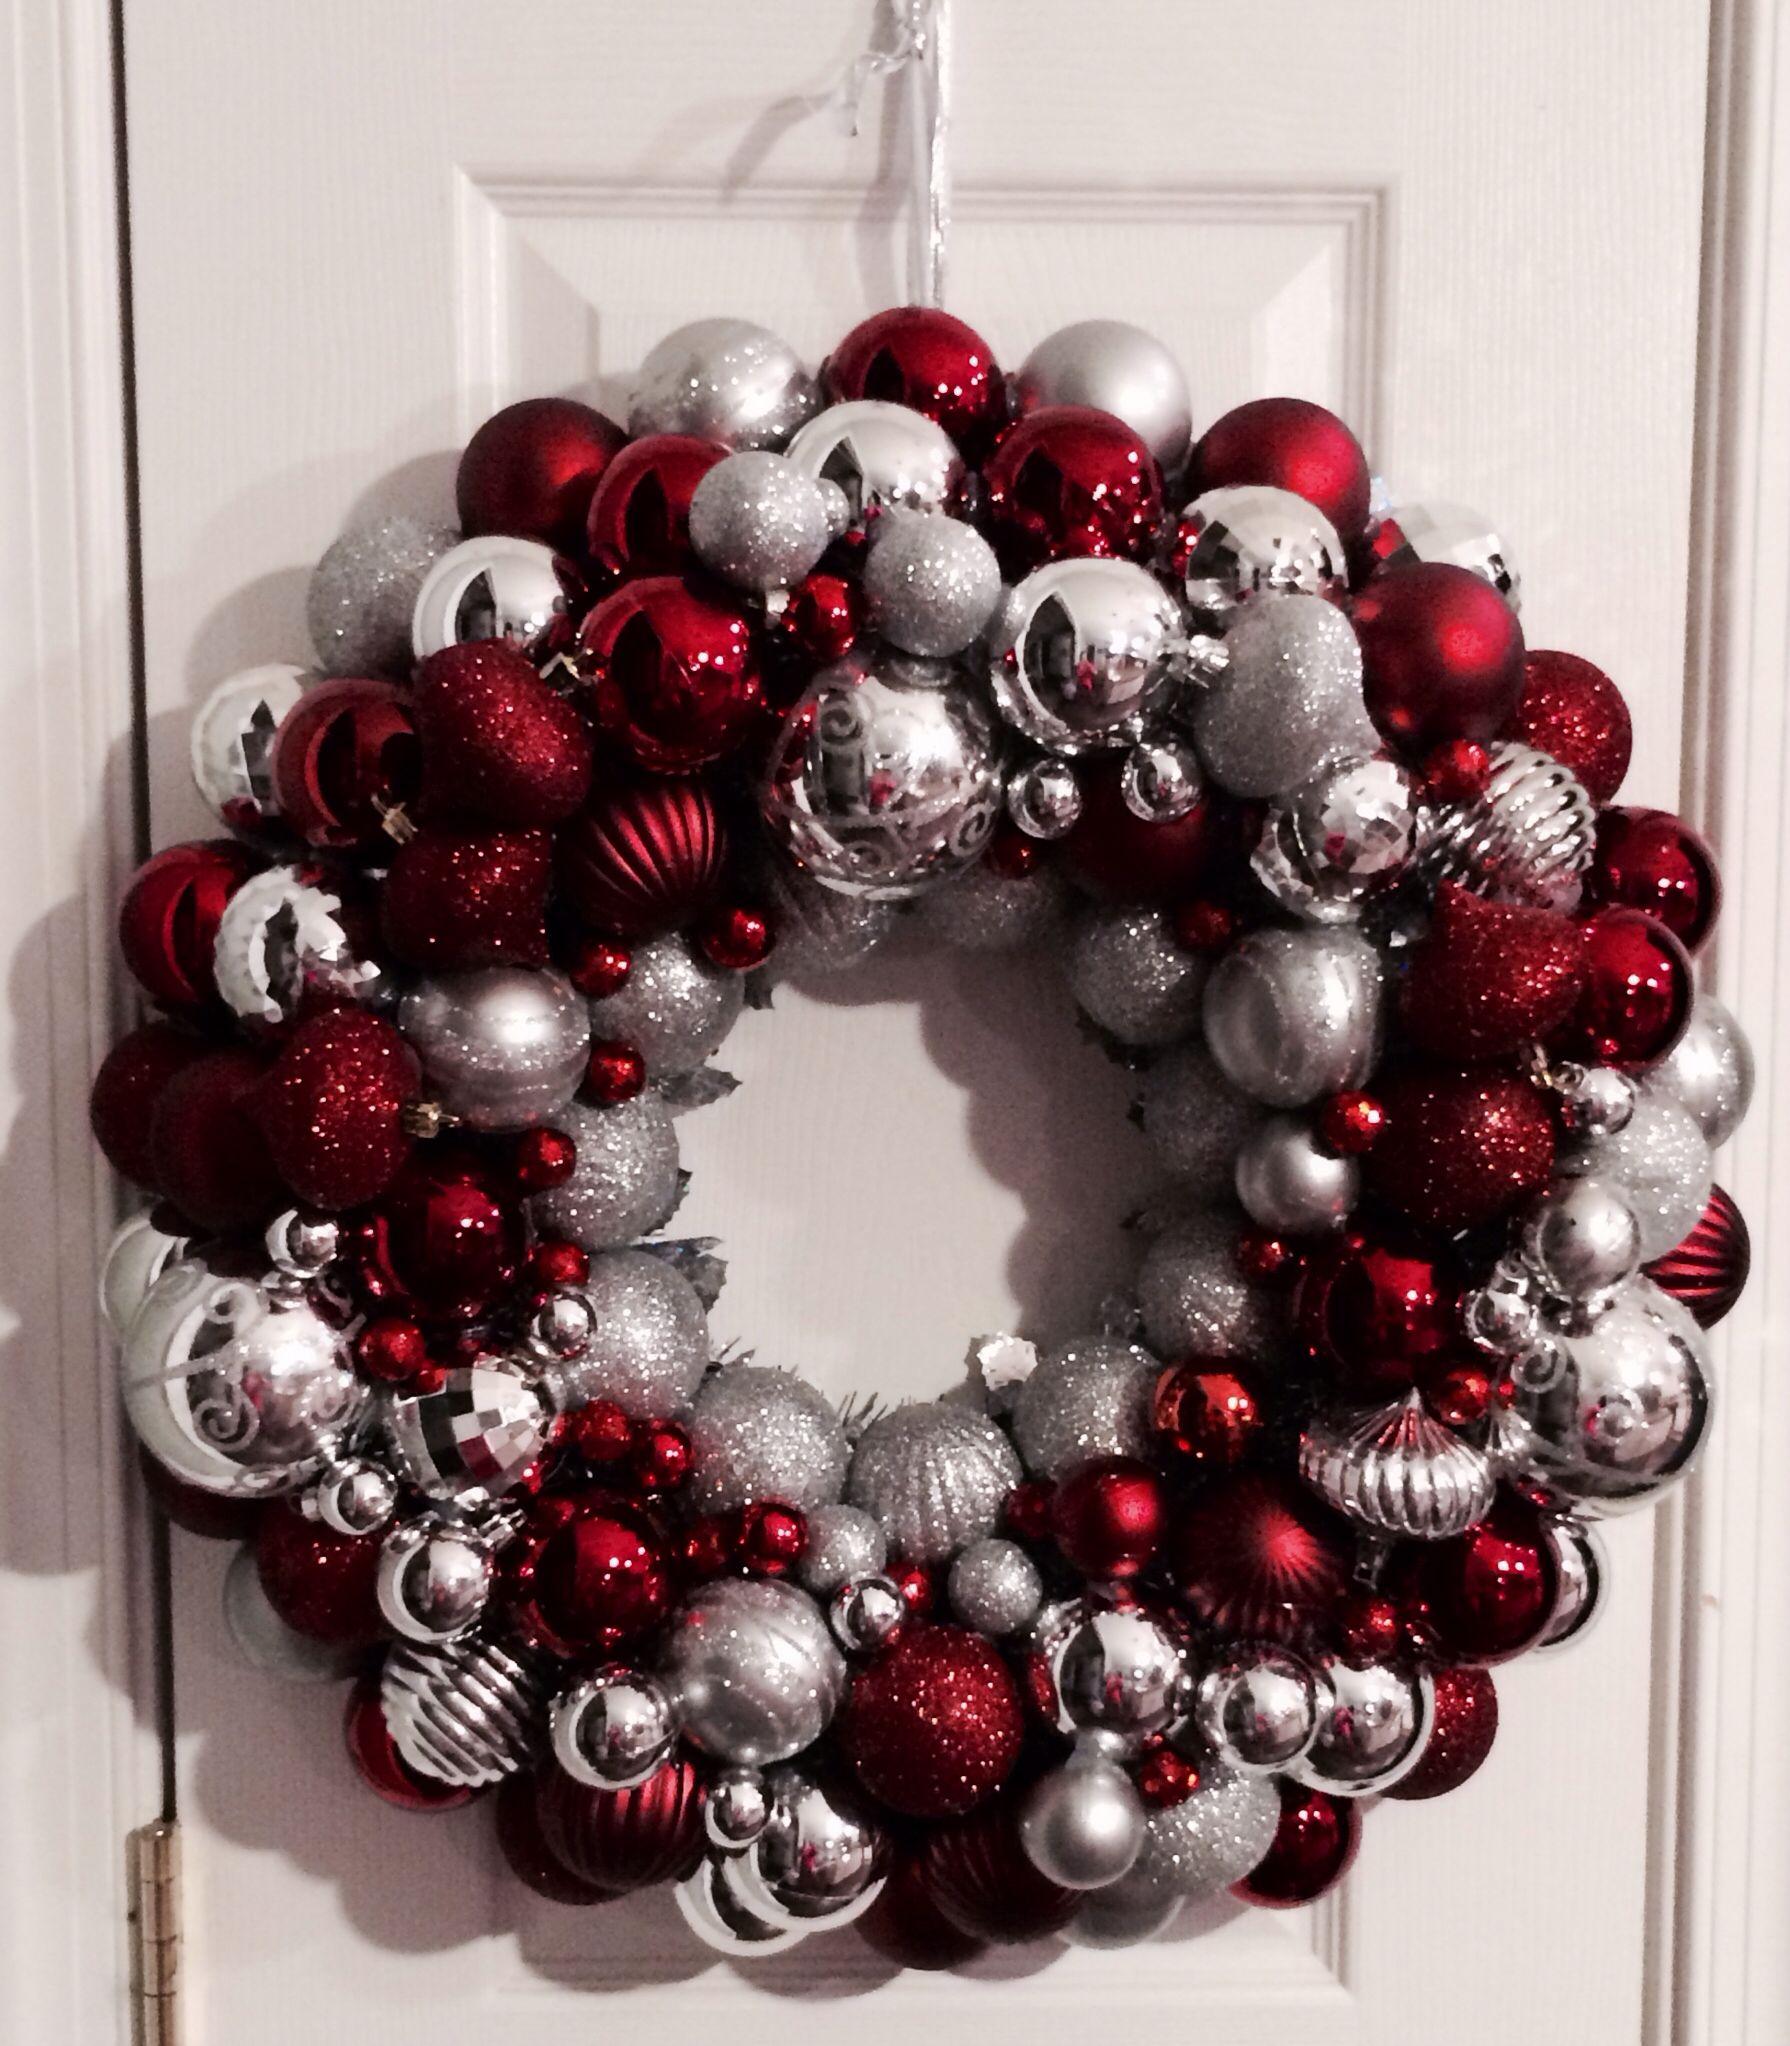 Silver & Burgundy Ornament Wreath